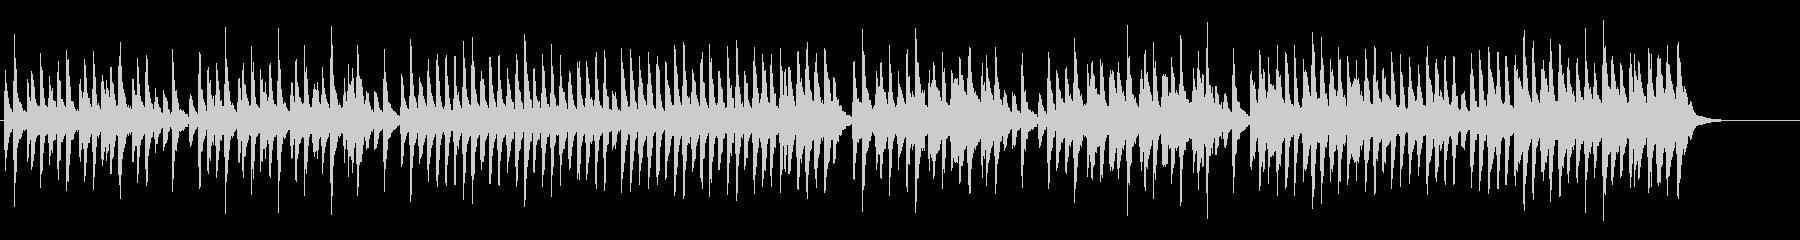 朗読用BGM(悲しいオルゴール)の未再生の波形